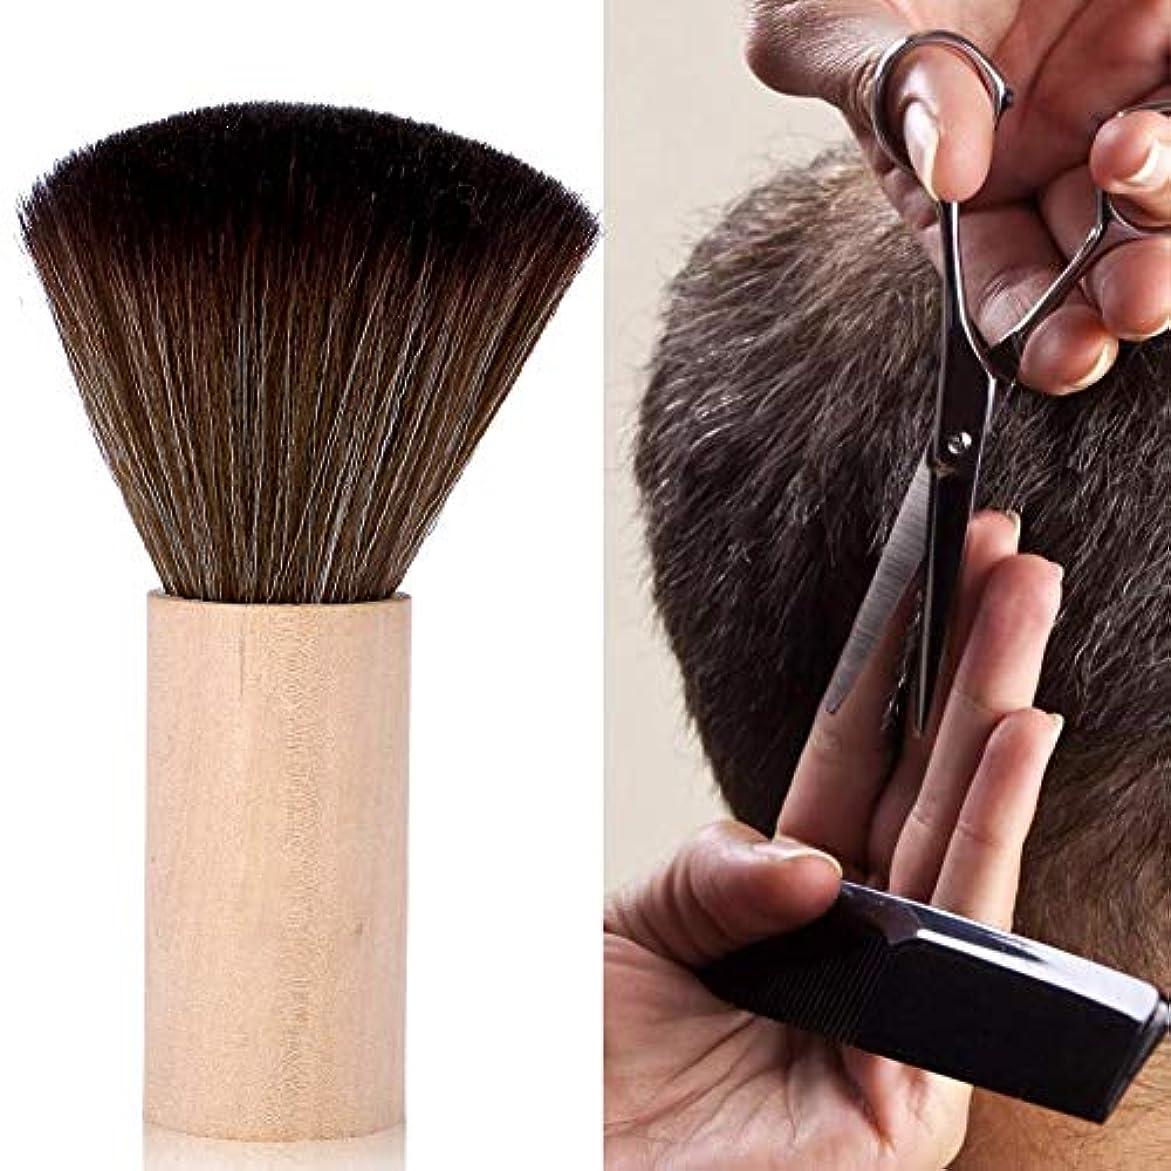 廃止するコンデンサー光沢ひげブラシ 理容髪カット 髭剃り フェイスネックバックダスタークリーニングブラシ 美容院スタイリストヘアブラシ